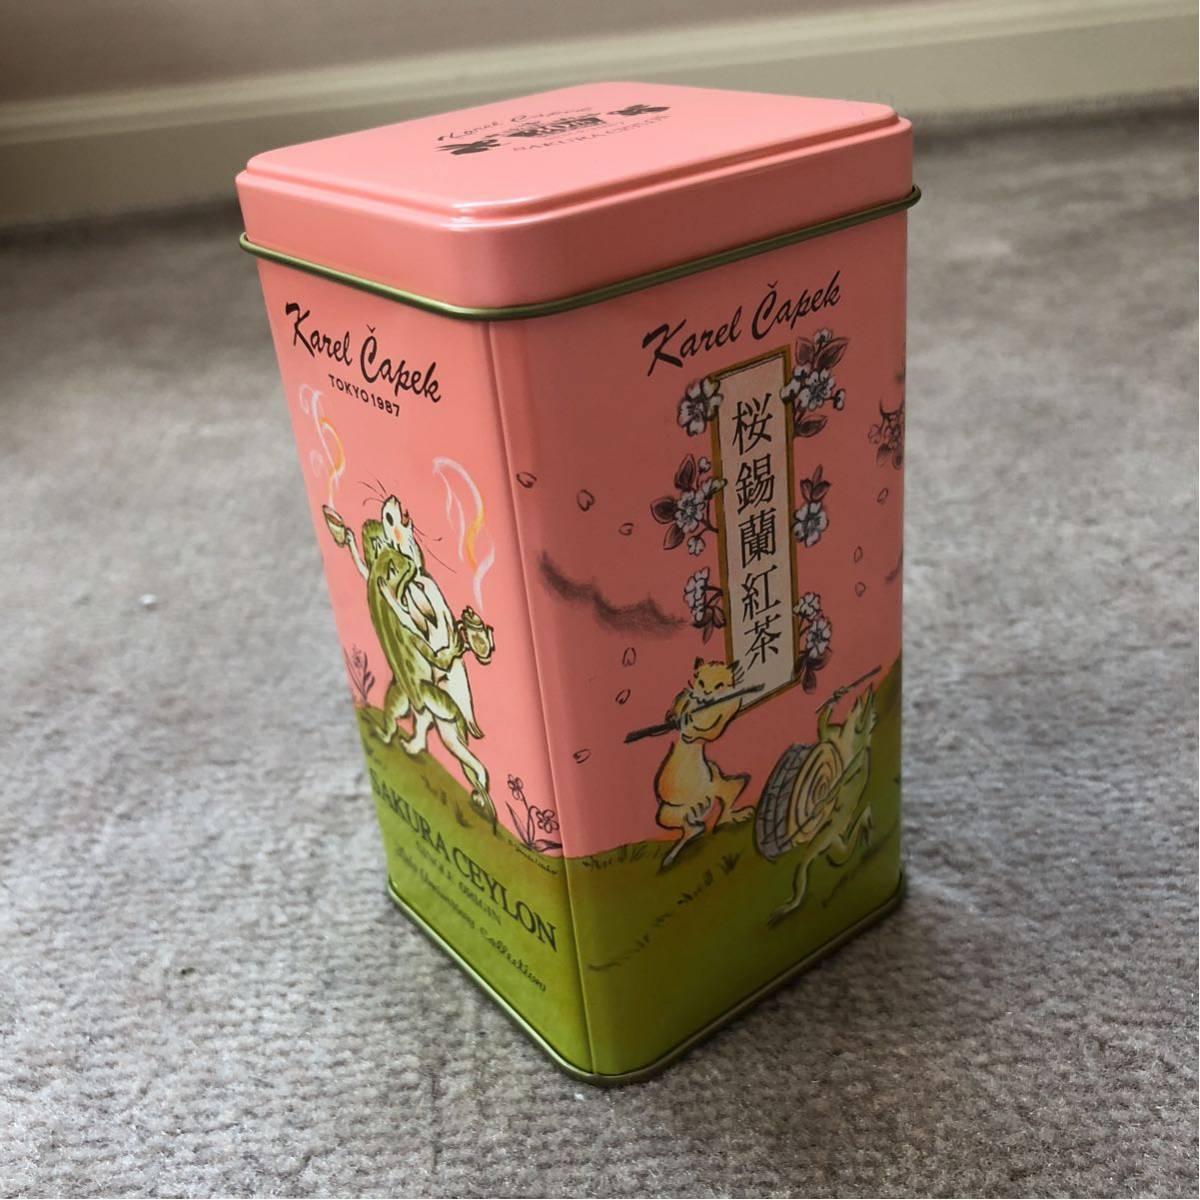 ★カレルチャペック紅茶店の可愛い紅茶空き缶ピンク桜柄★_画像3